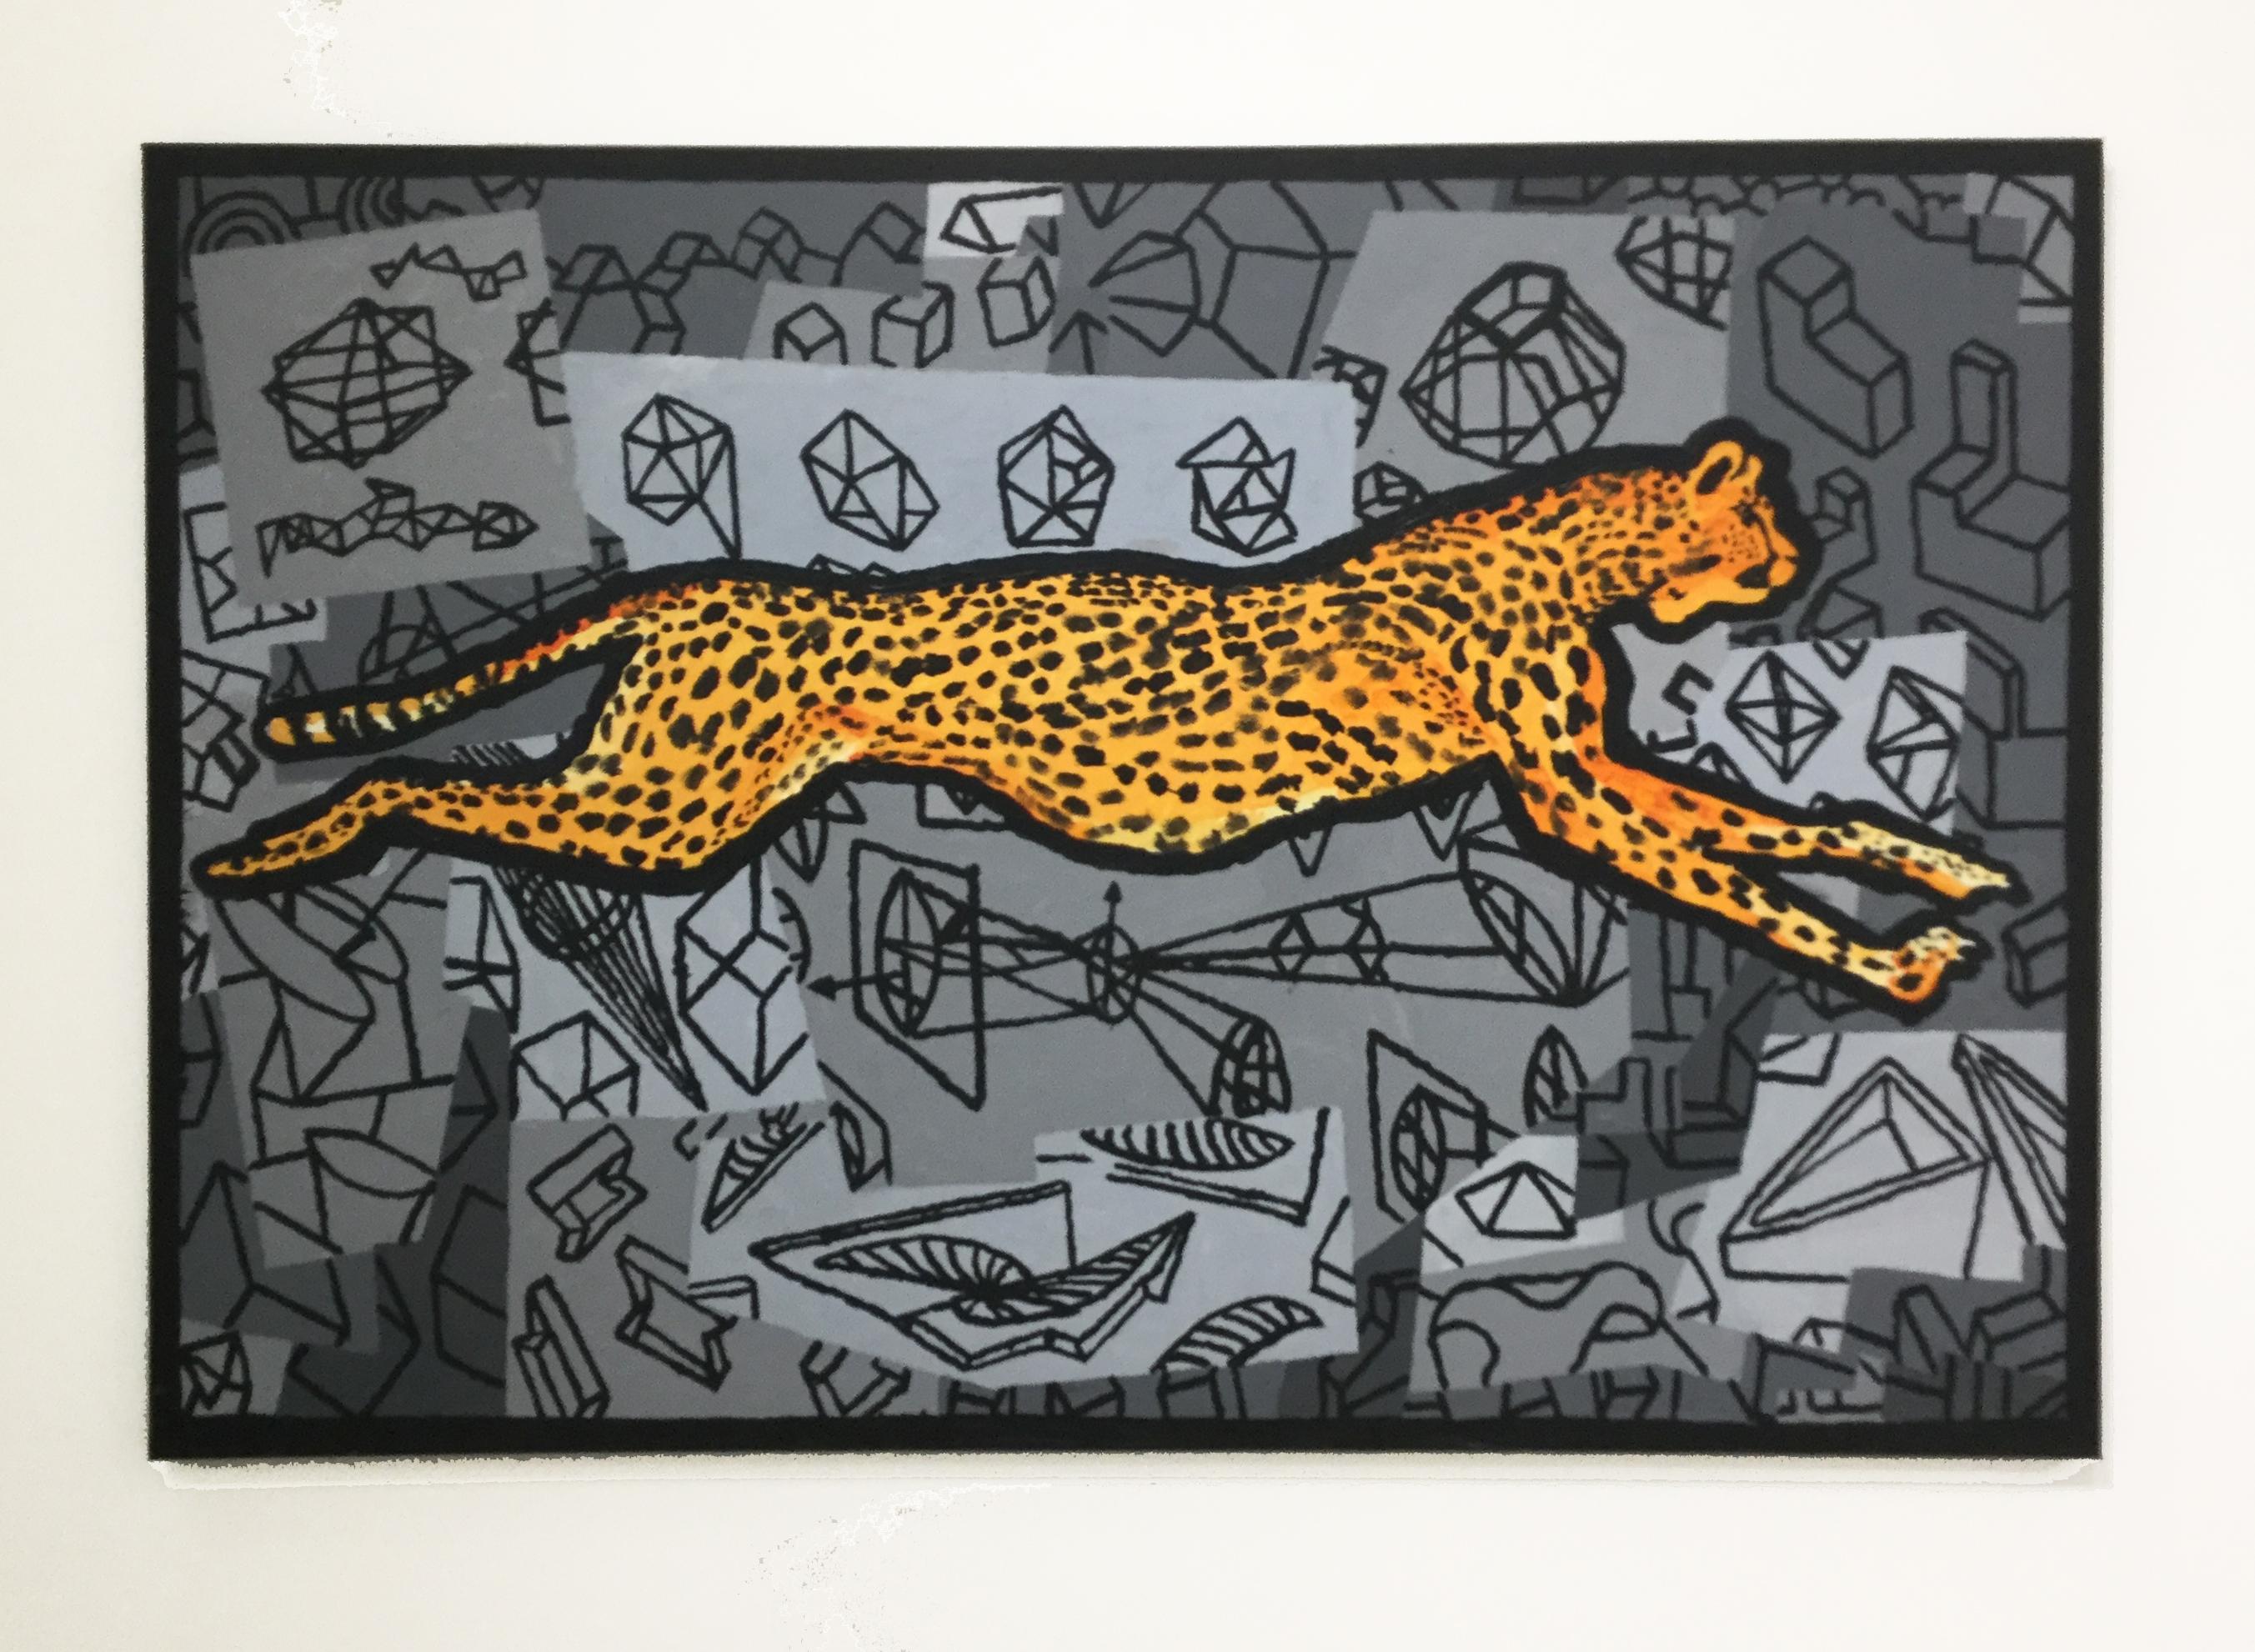 Cheetah Mathmaticus, 2016